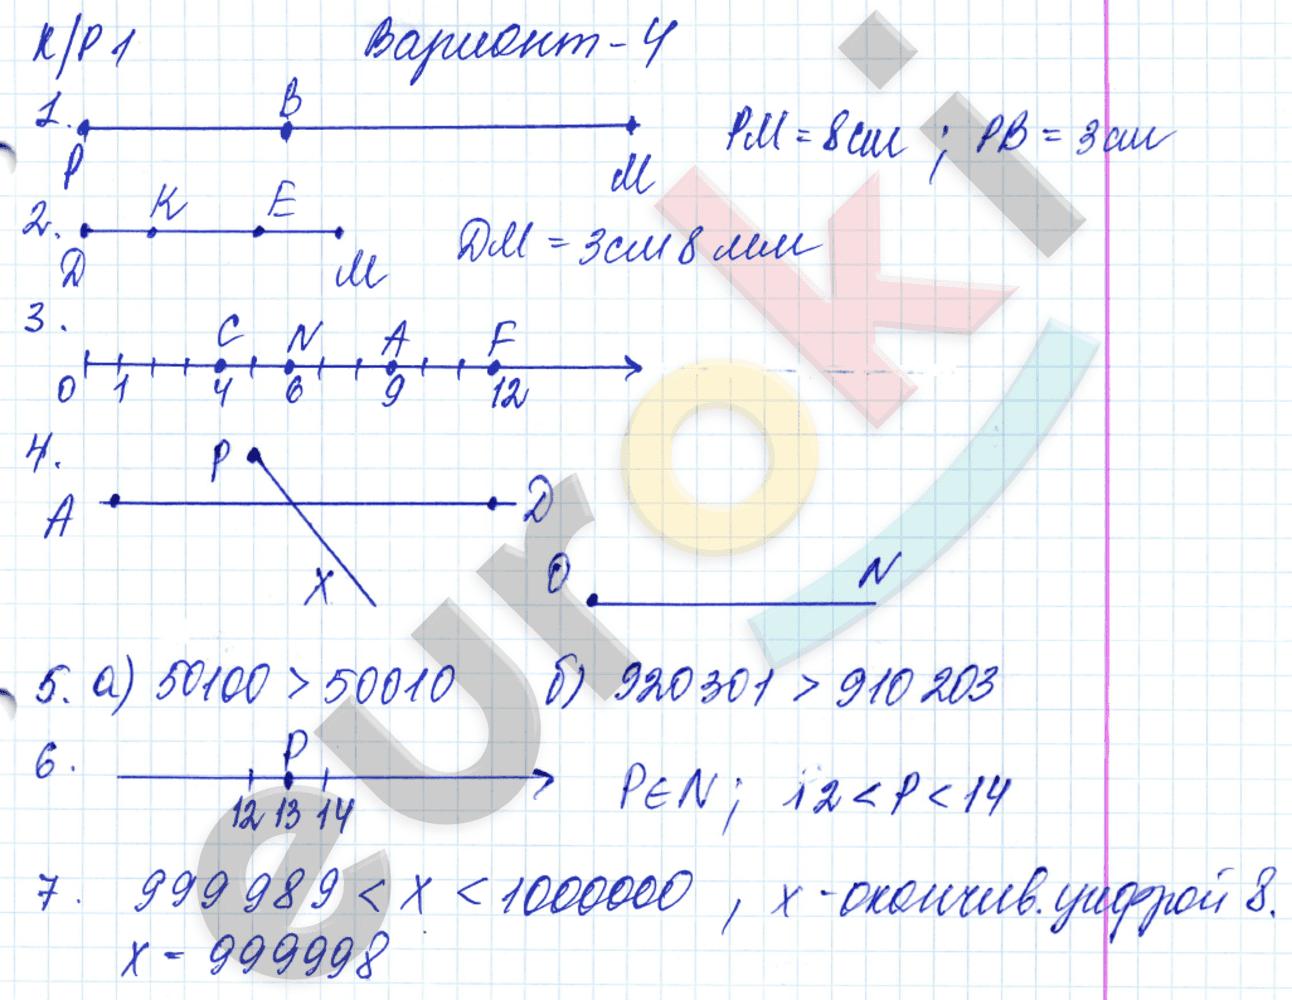 ГДЗ по математике 5 класс контрольные работы Дудницын, Кронгауз Экзамен ответы и решения онлайн КР-1. Натуральные числа и шкалы. Задание: Вариант 4